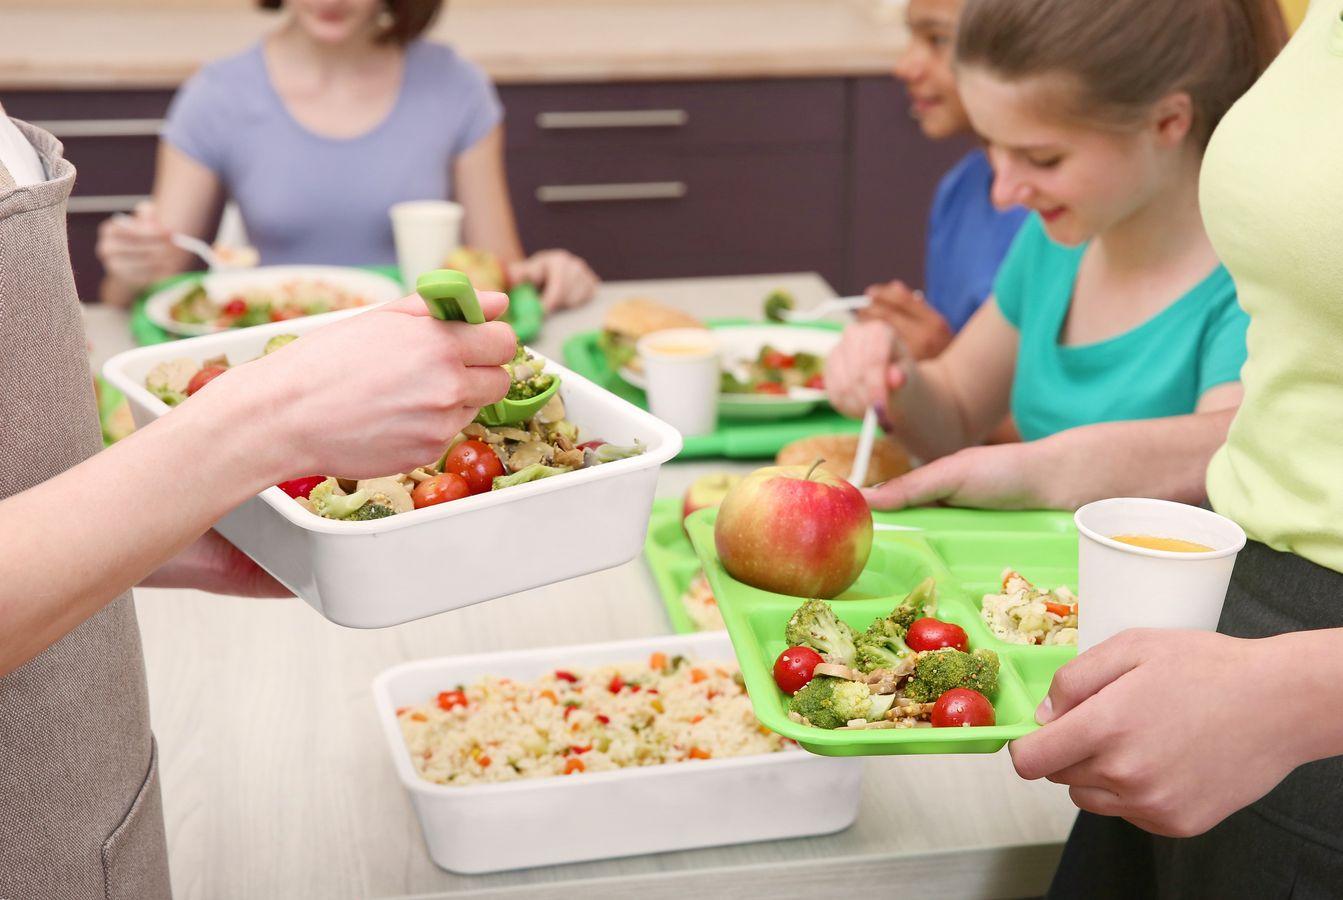 Construire un système alimentaire durable en restauration scolaire